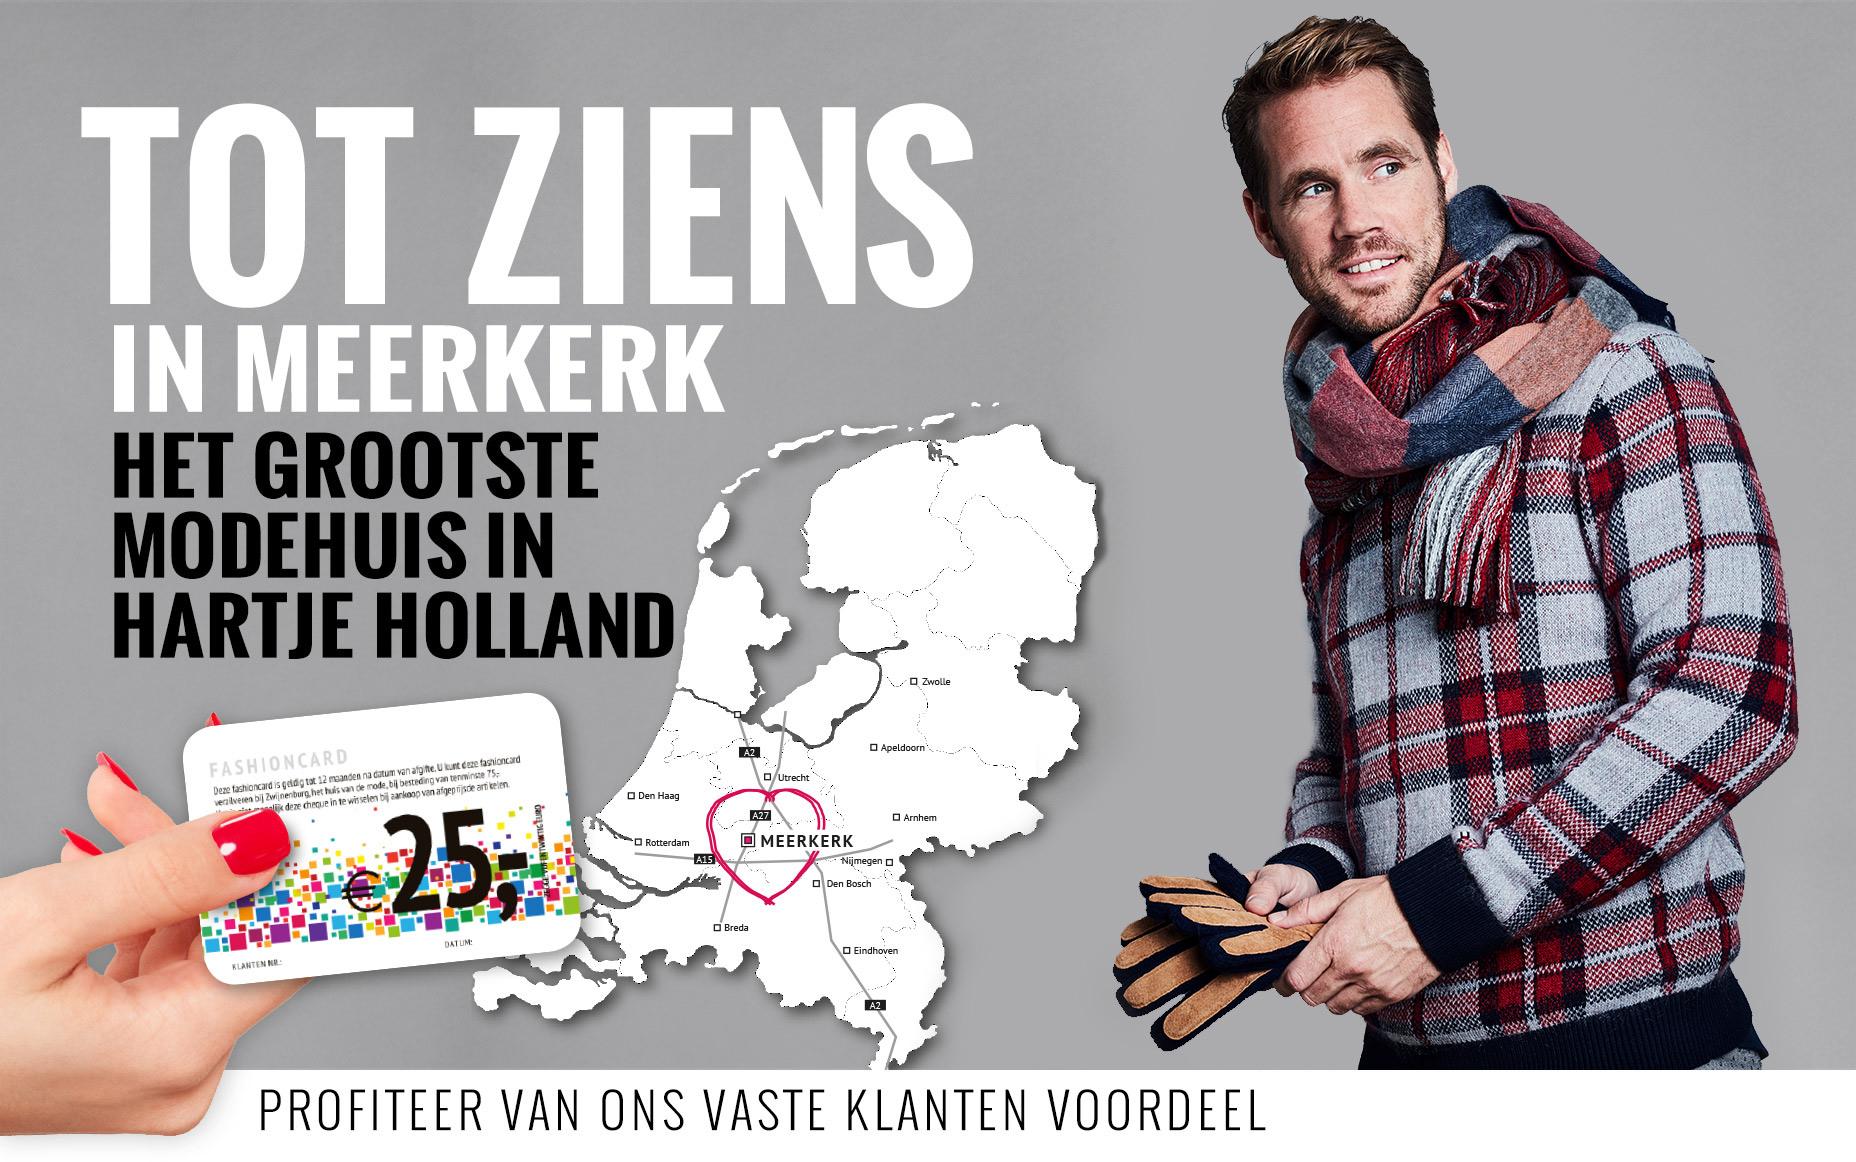 Tot ziens in Meerkerk - Het grootste modehuis in hartje Holland